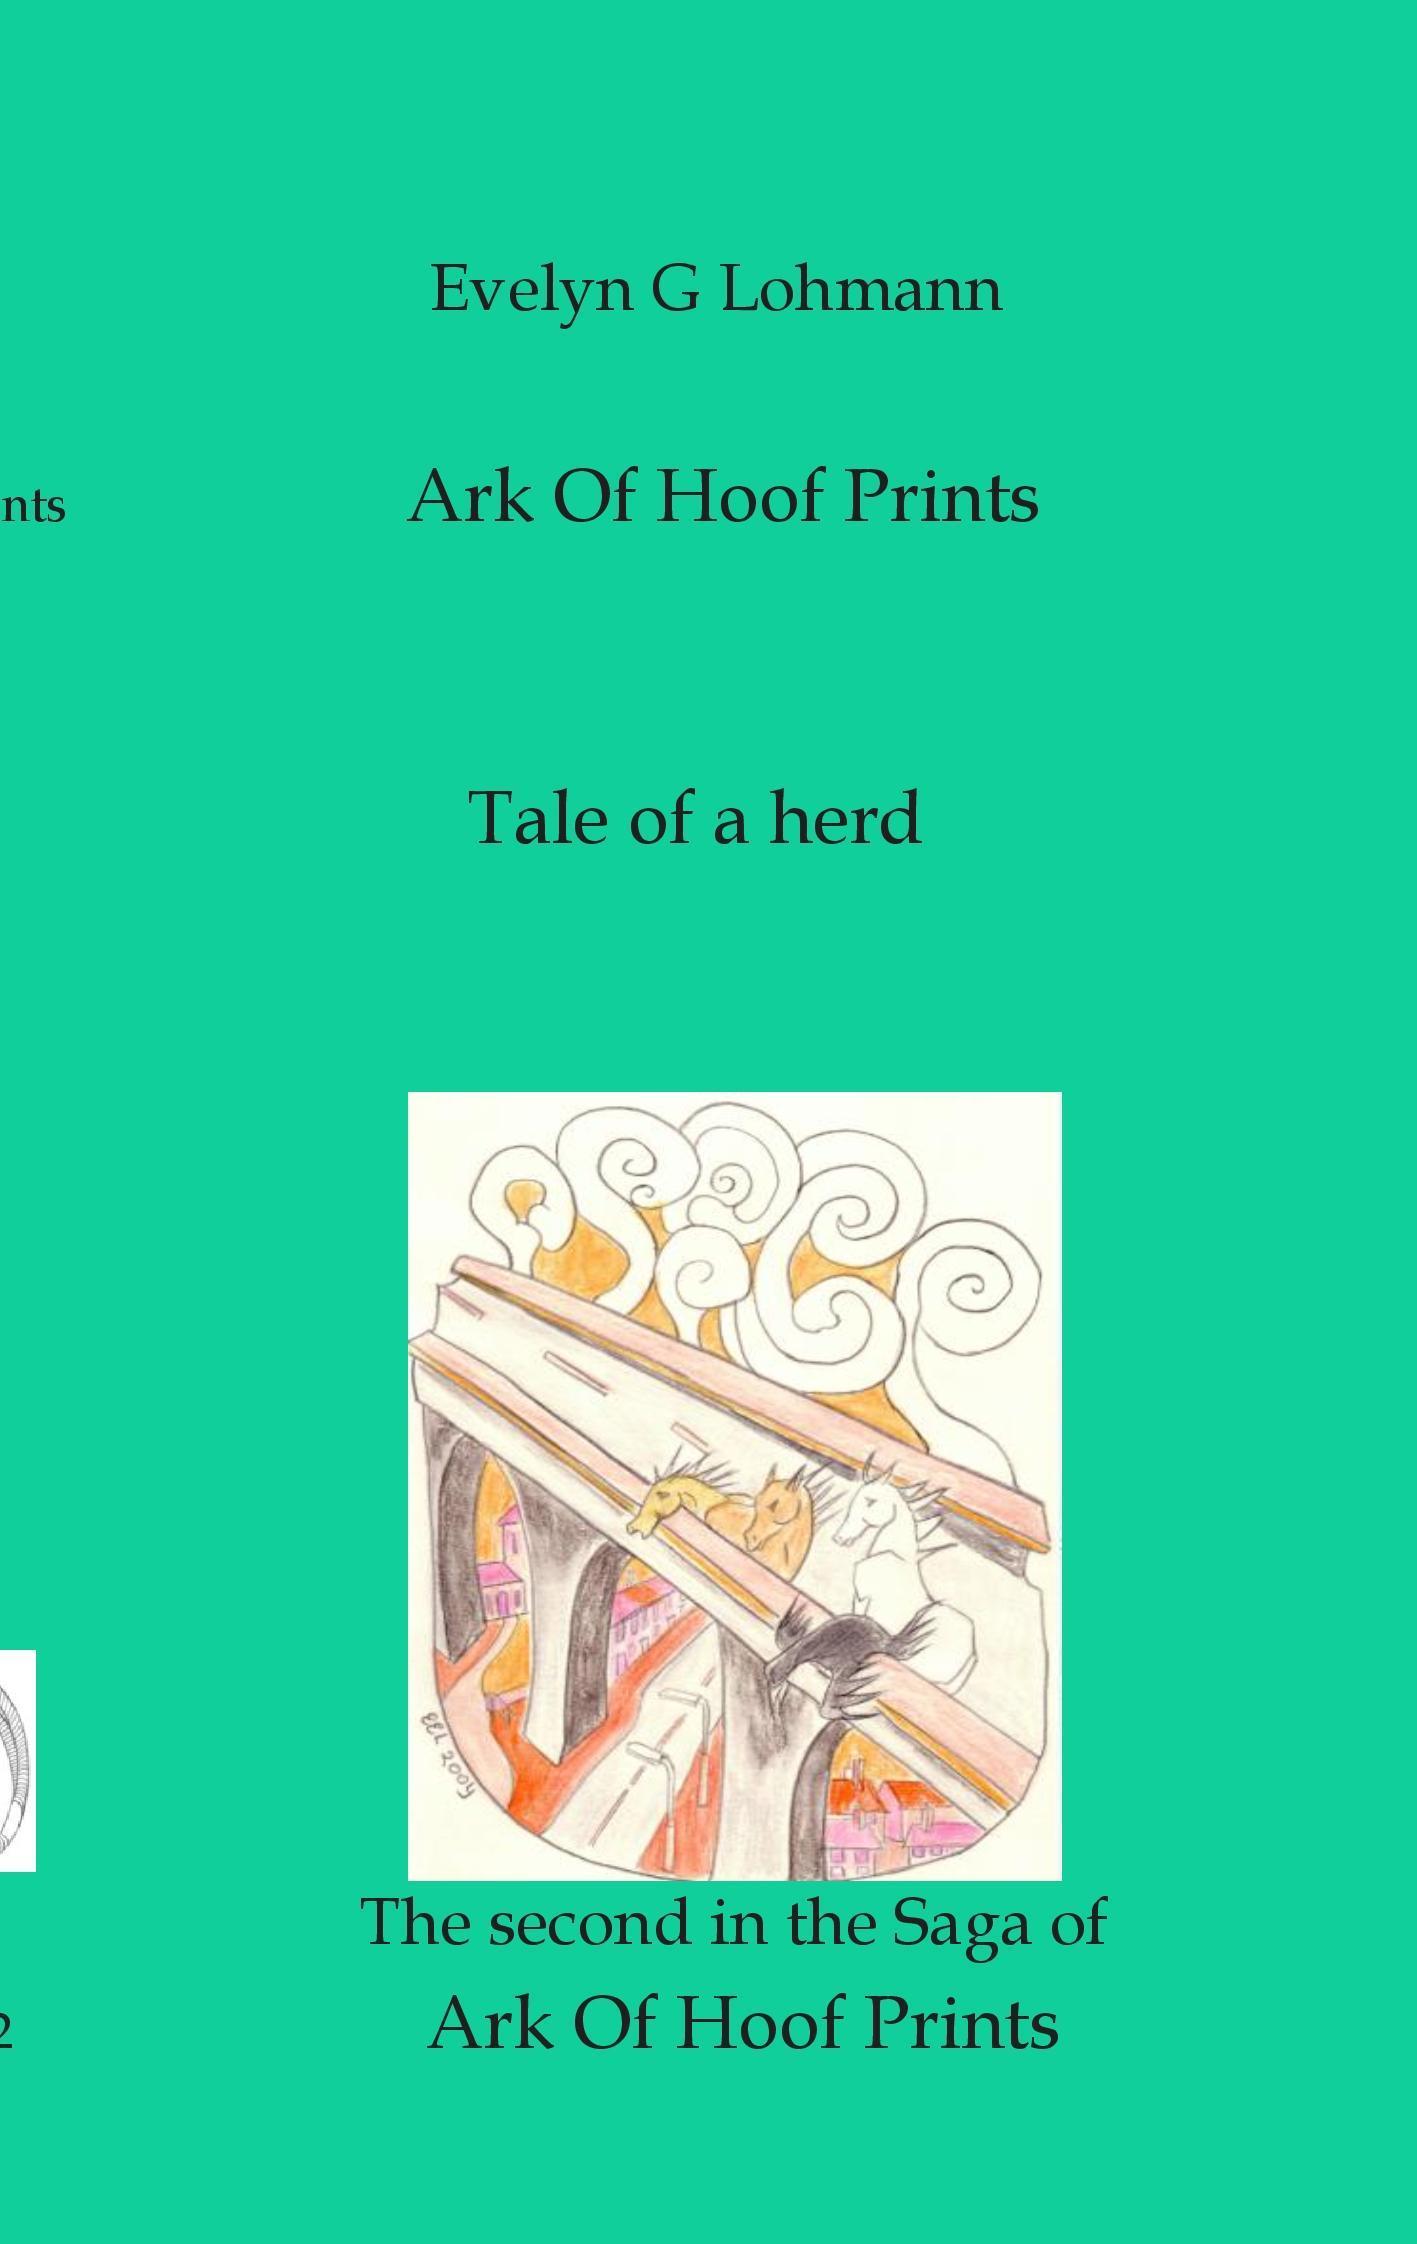 The Ark of Hoof Prints